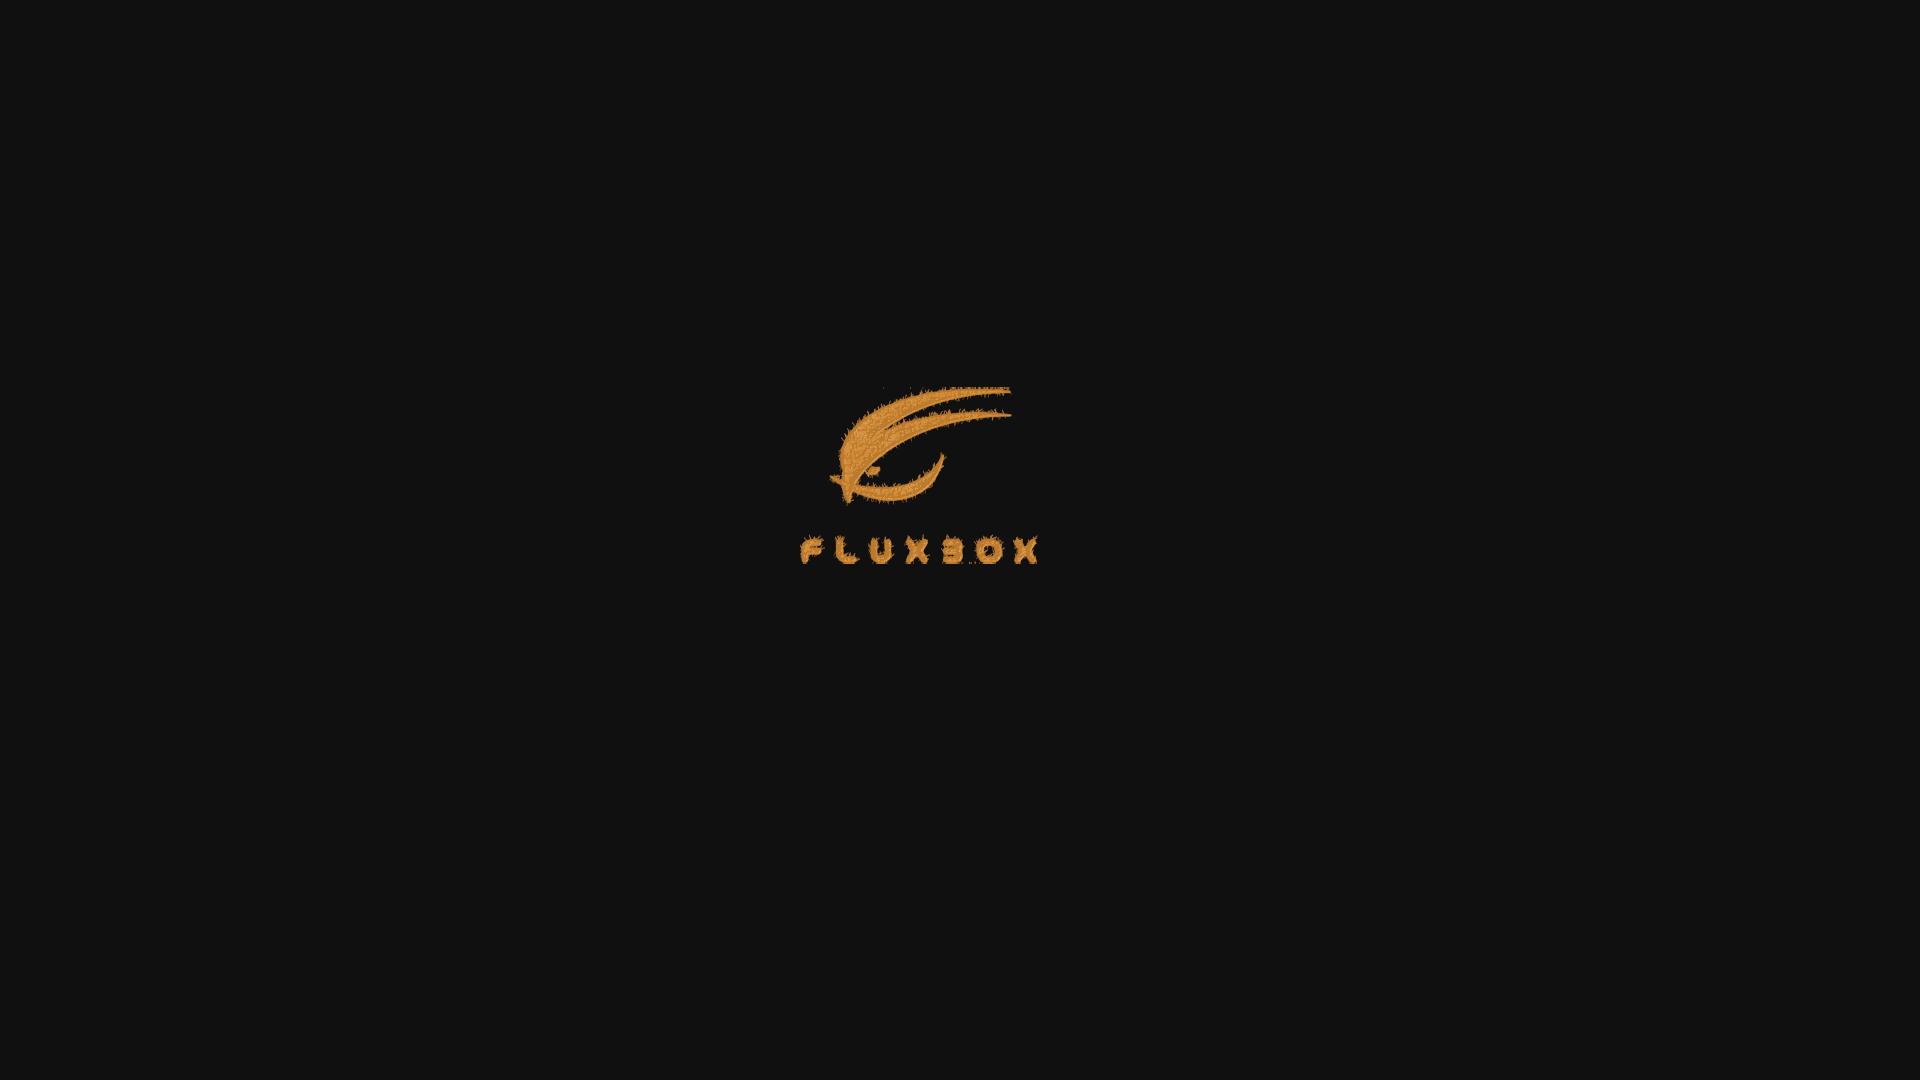 Fluxbox minimal wallpaper   plingcom 1920x1080